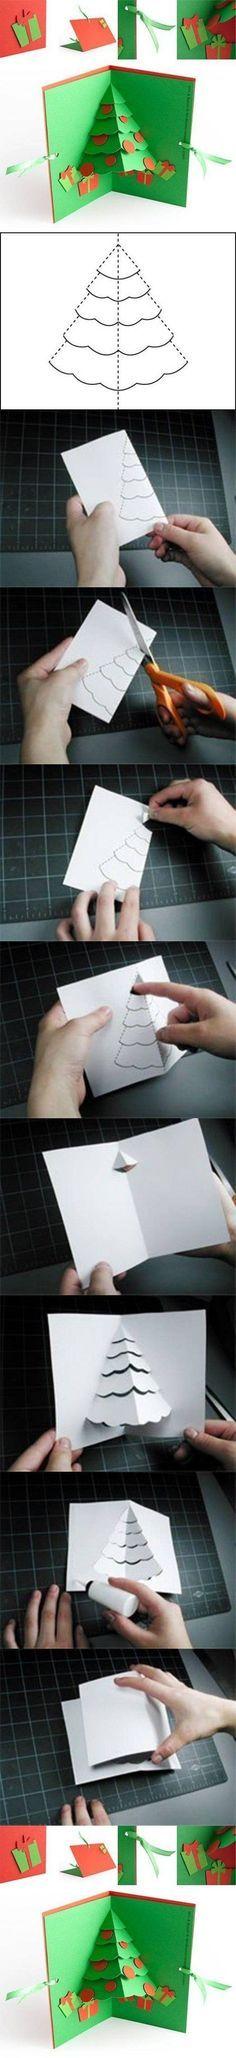 Le istruzioni per creare un albero di natale di carta in pochi minuti: